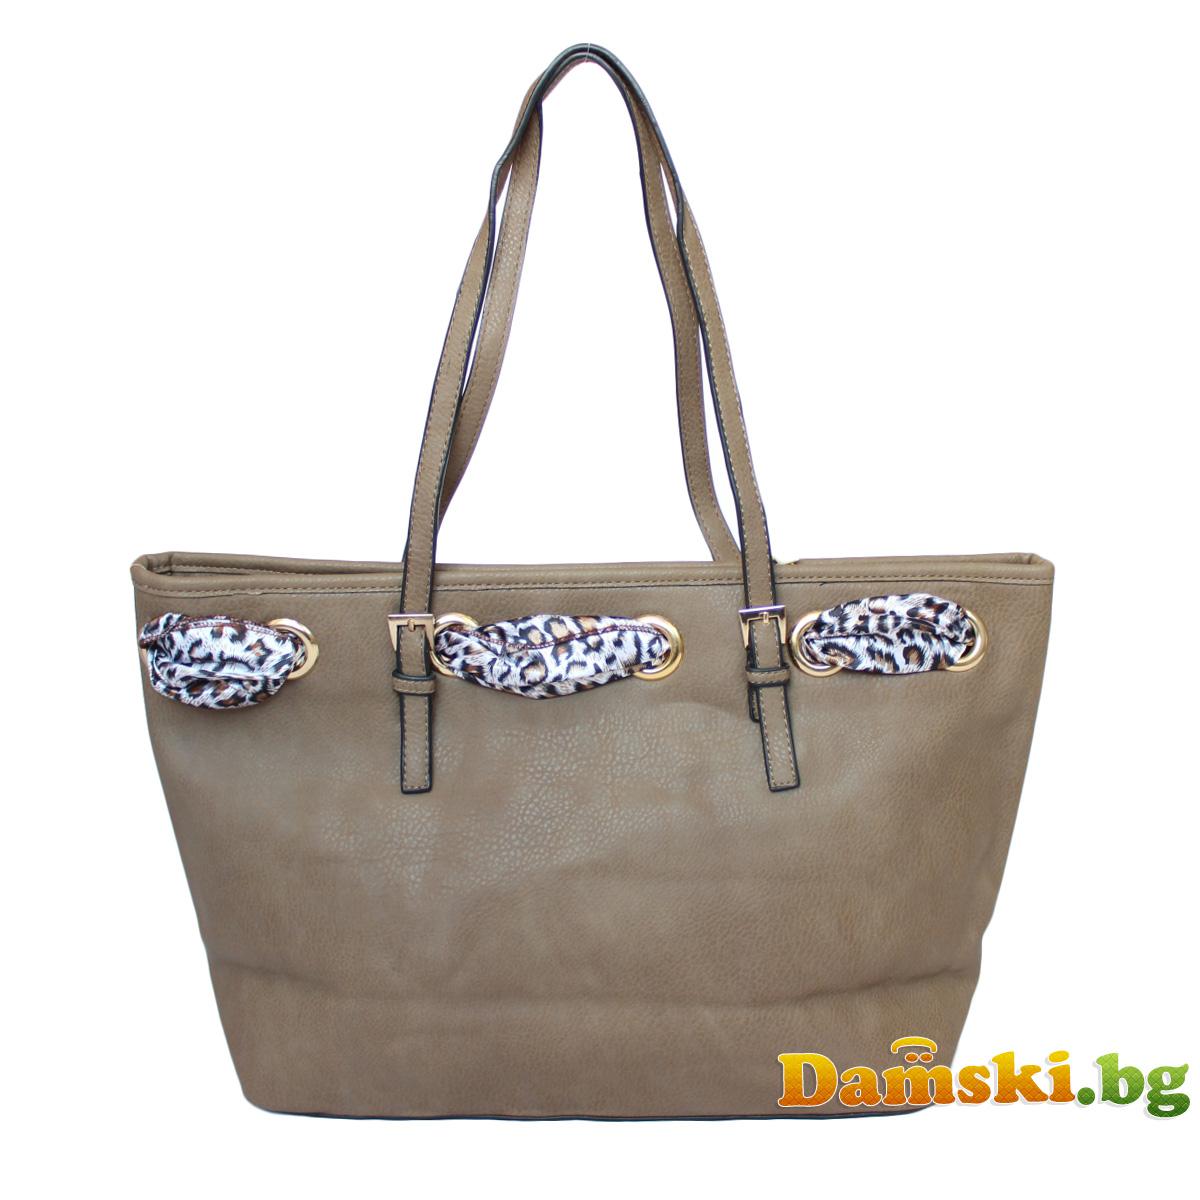 Стилна дамска чанта с шалче - кафява Снимка 3 от 3